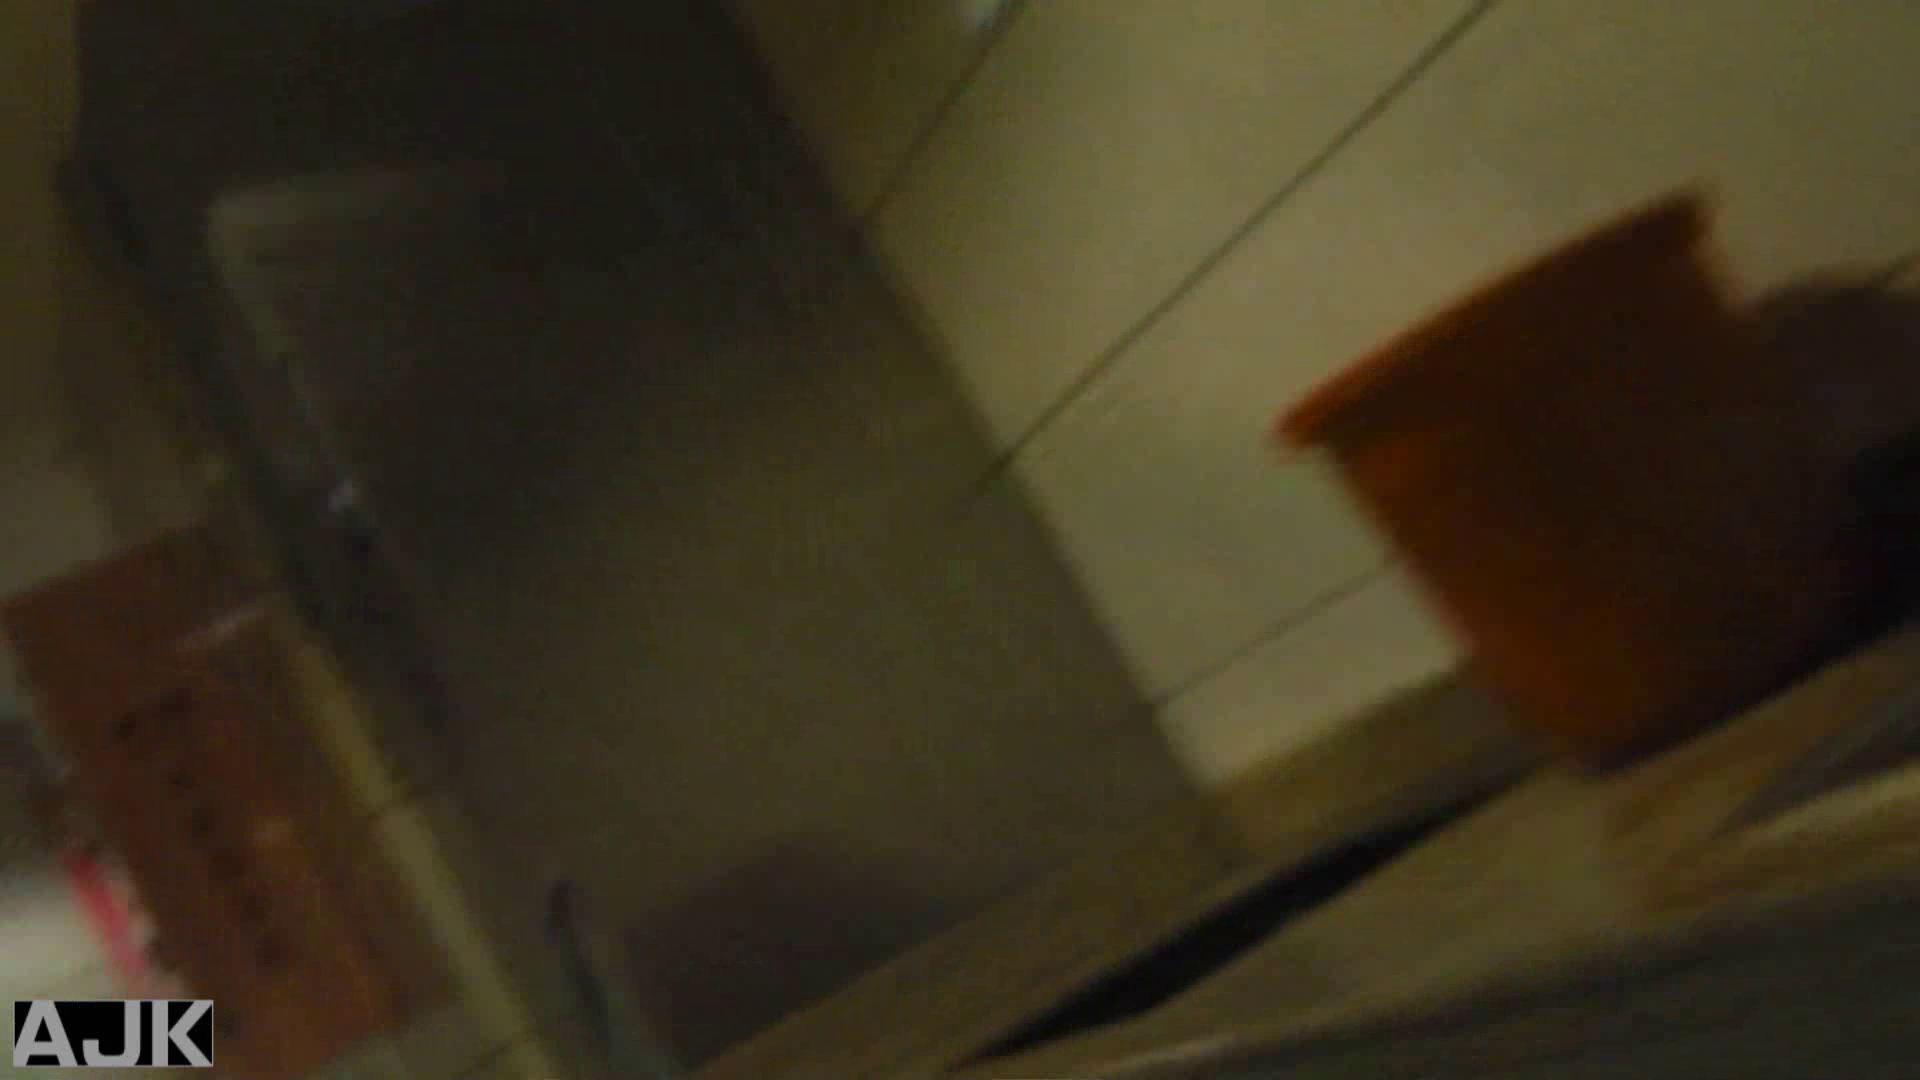 神降臨!史上最強の潜入かわや! vol.09 肛門編 AV動画キャプチャ 94PIX 89